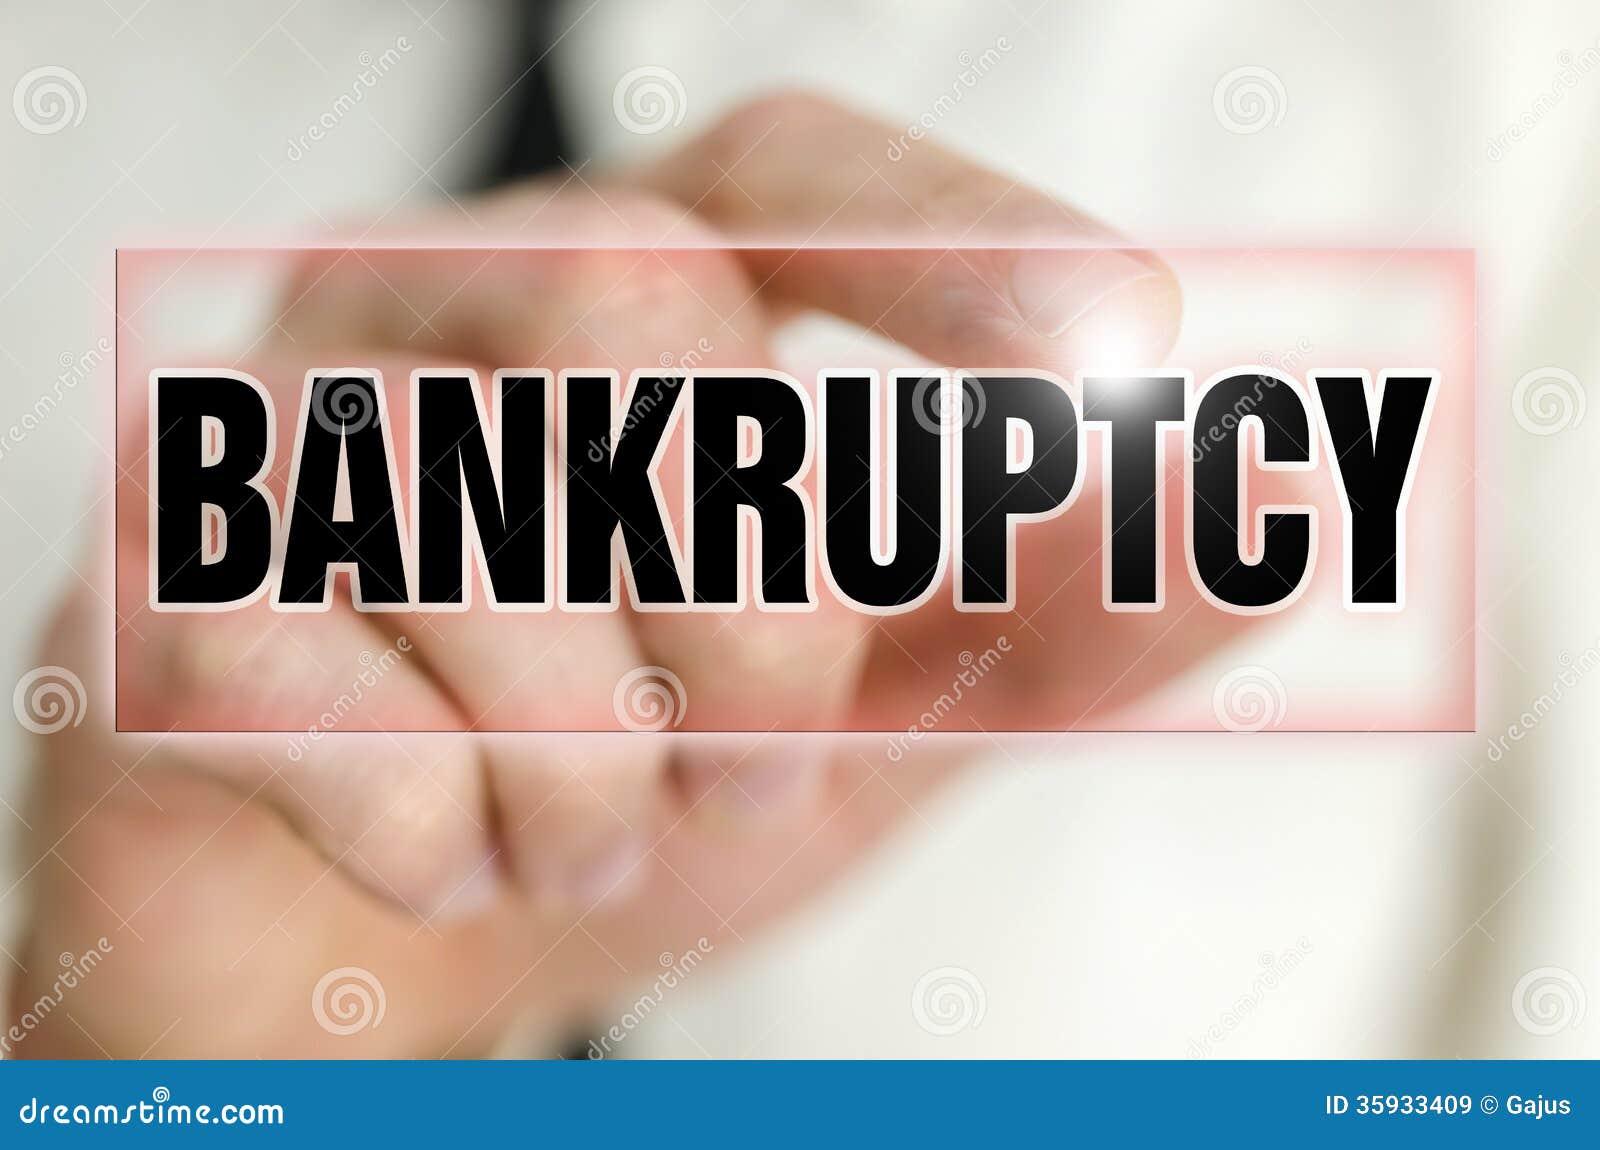 bankruptcy-button-virtual-screen-3593340